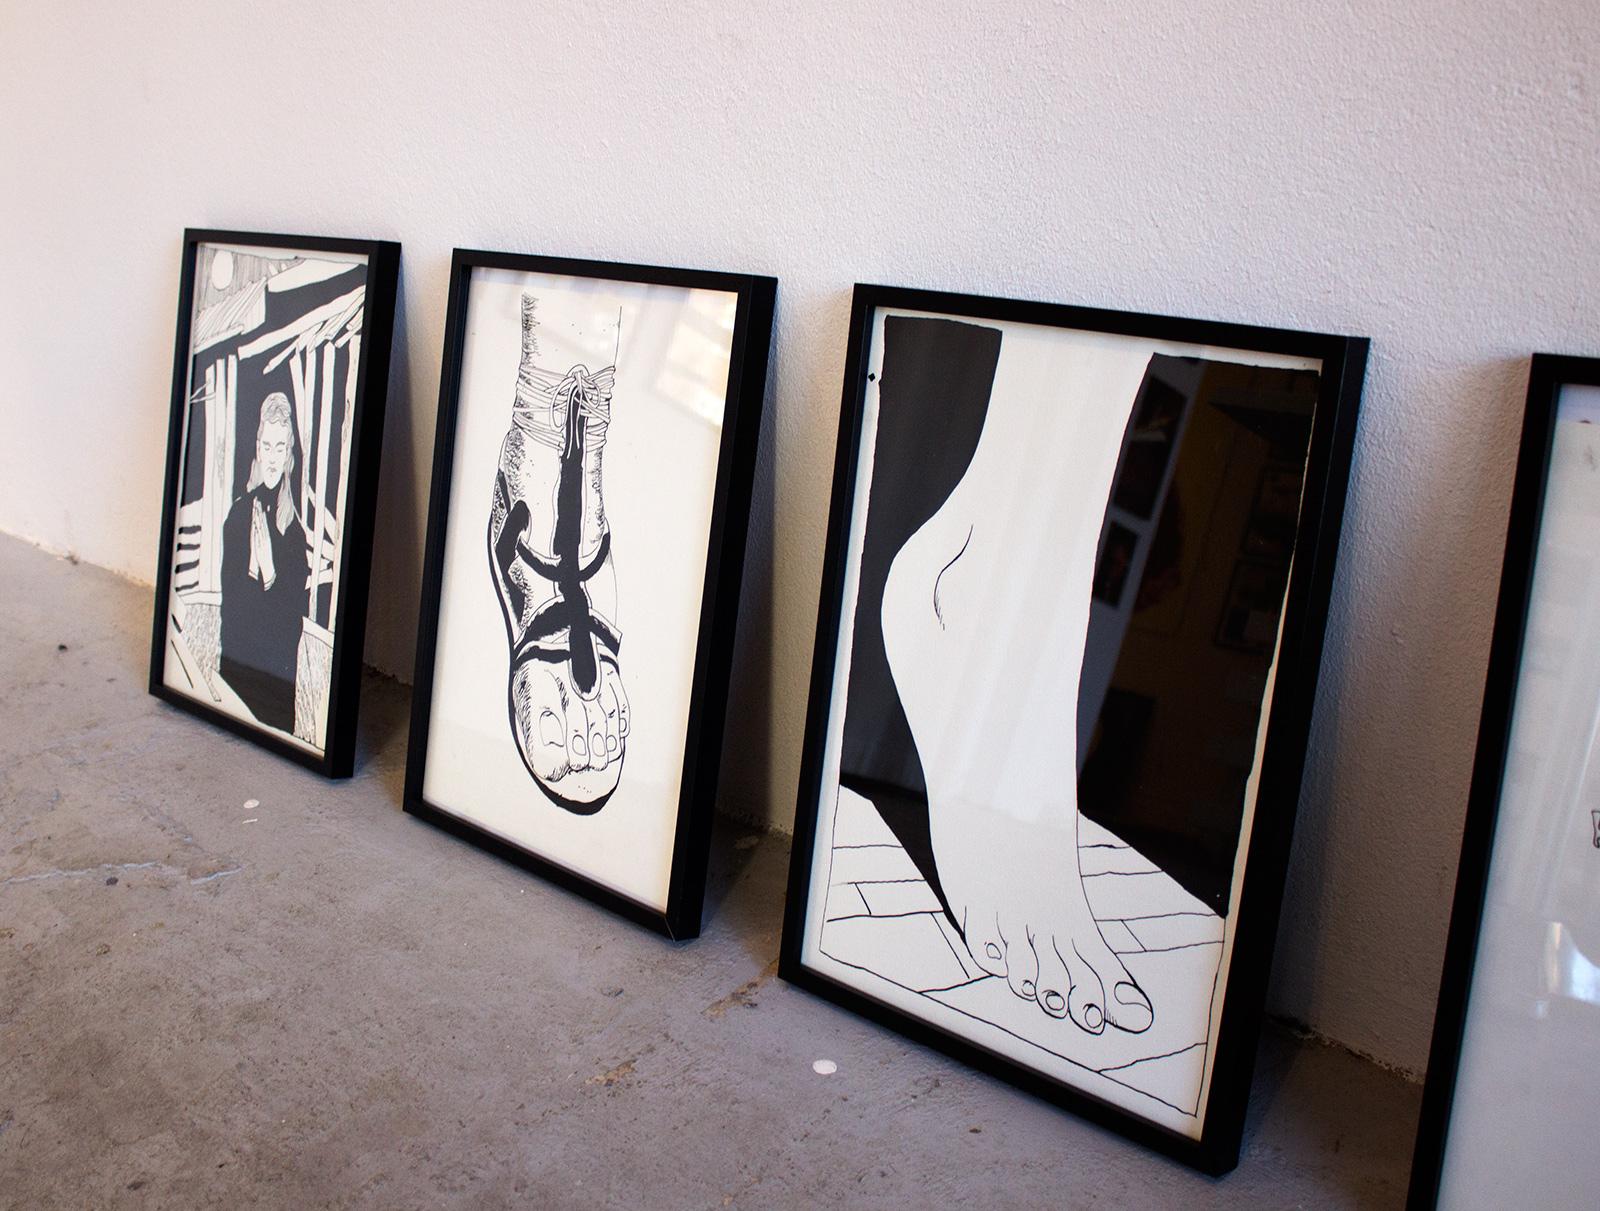 tegninger, æstetiske, figurative, illustrative, minimalistiske, monokrome, portræt, kroppe, mennesker, seksualitet, sorte, hvide, artliner, blæk, papir, tusch, smukke, sort-hvide, samtidskunst, københavn, dansk, dekorative, design, erotiske, interiør, bolig-indretning, kærlighed, moderne, moderne-kunst, nordisk, nøgen, plakater, romantiske, skandinavisk, former, Køb original kunst og kunstplakater. Malerier, tegninger, limited edition kunsttryk & plakater af dygtige kunstnere.